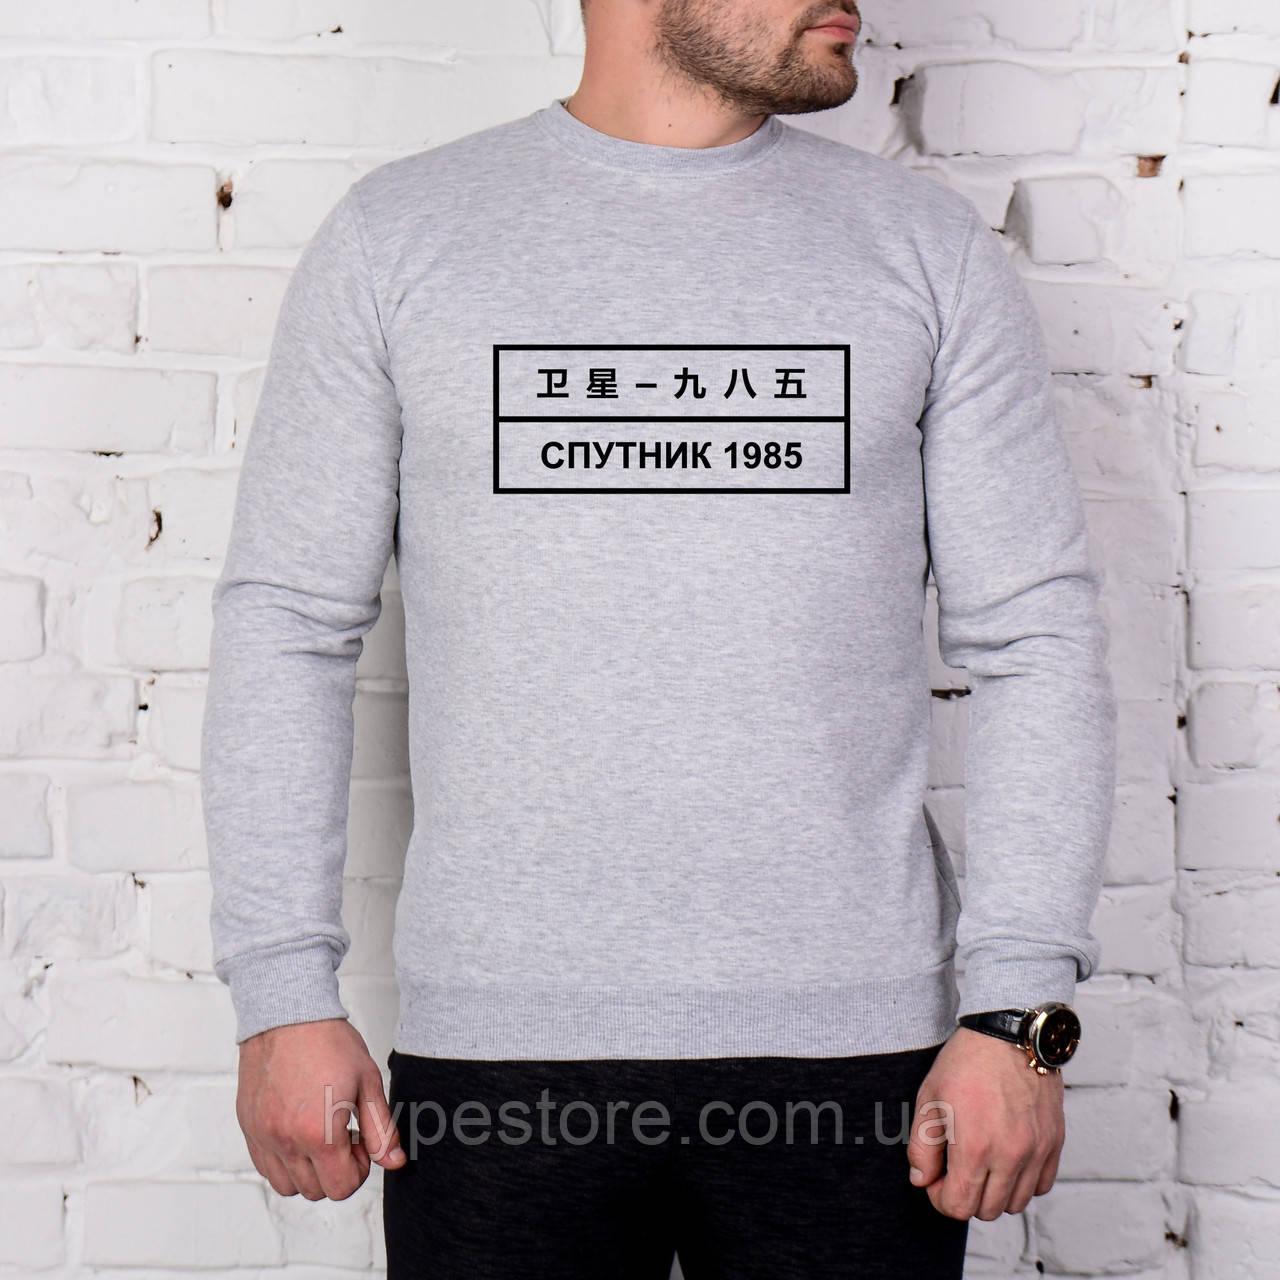 Мужской спортивный серый свитшот, кофта, лонгслив, реглан Спутник 1985 иероглифы, Реплика